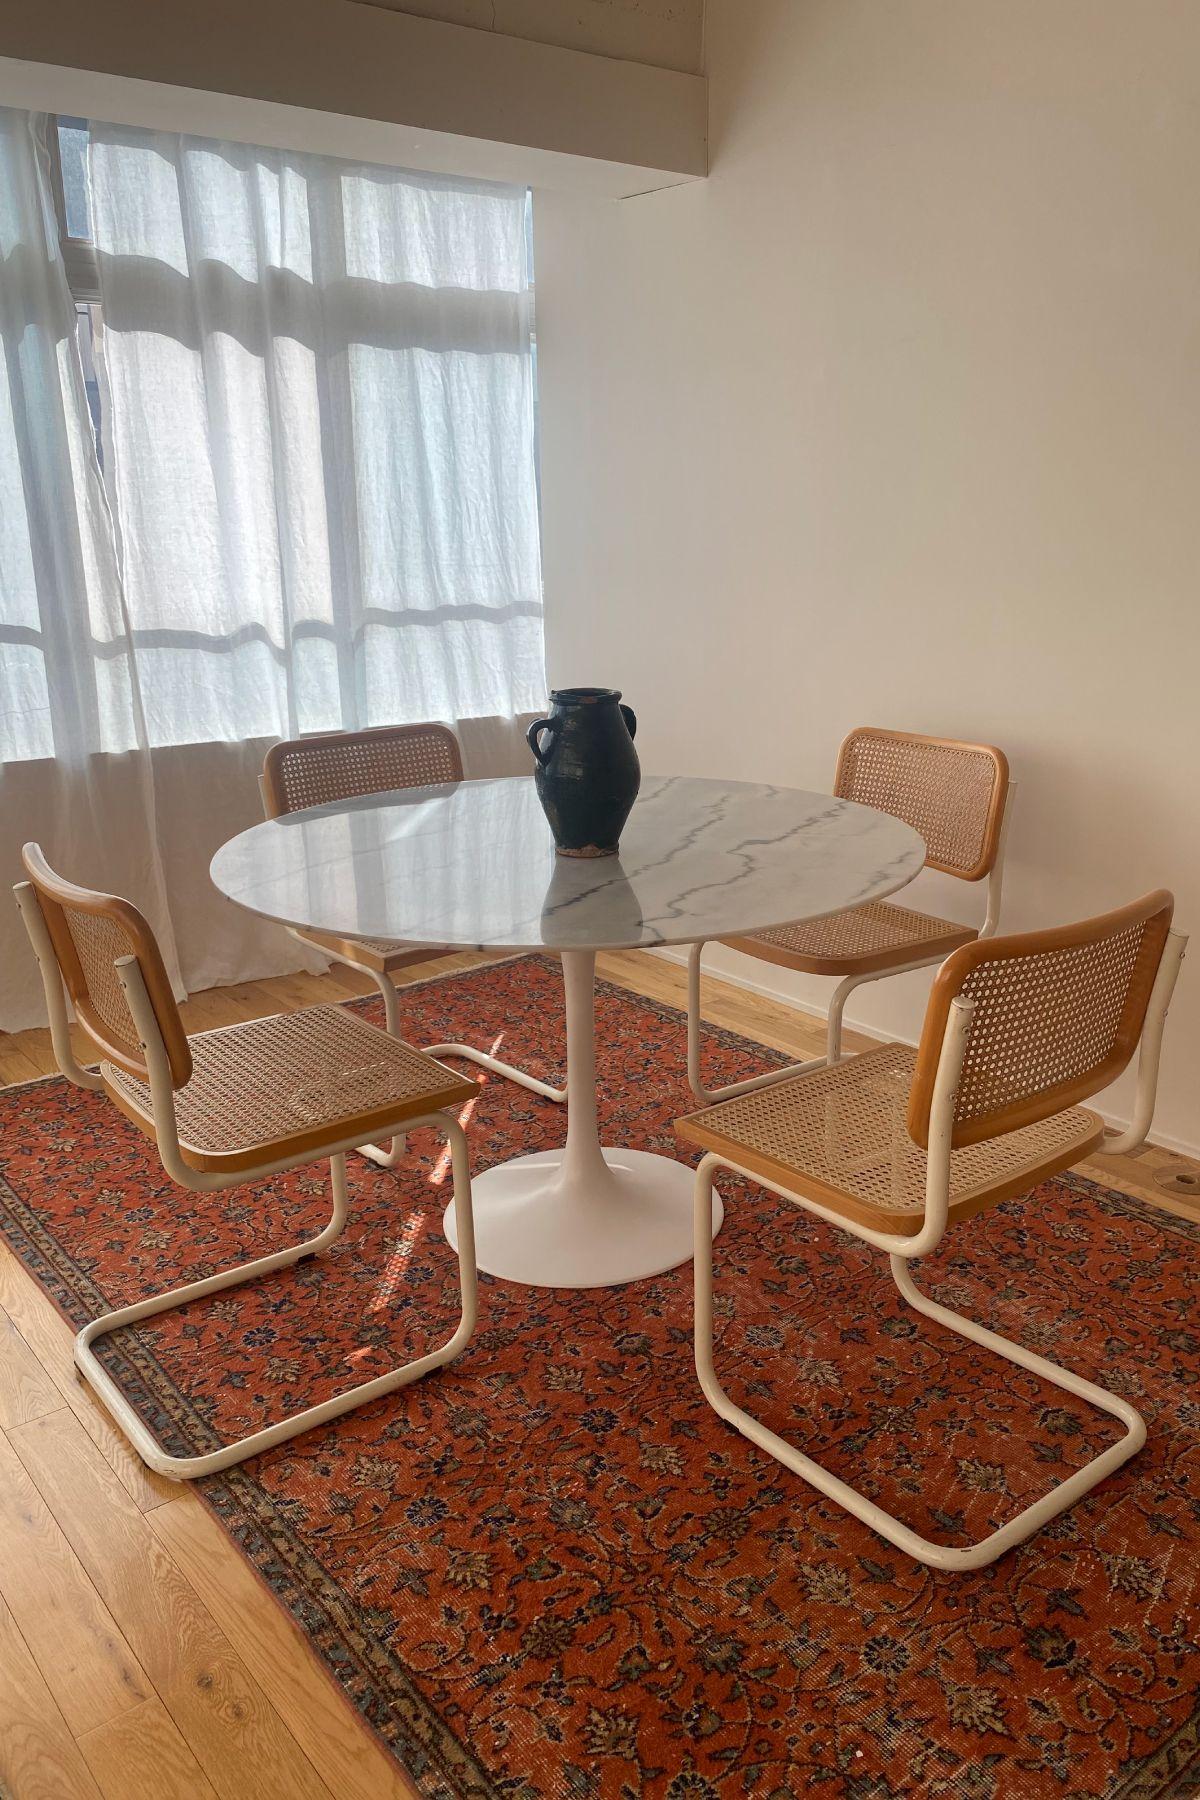 STUDIO H (スタジオ エイチ)B マーブルのテーブル